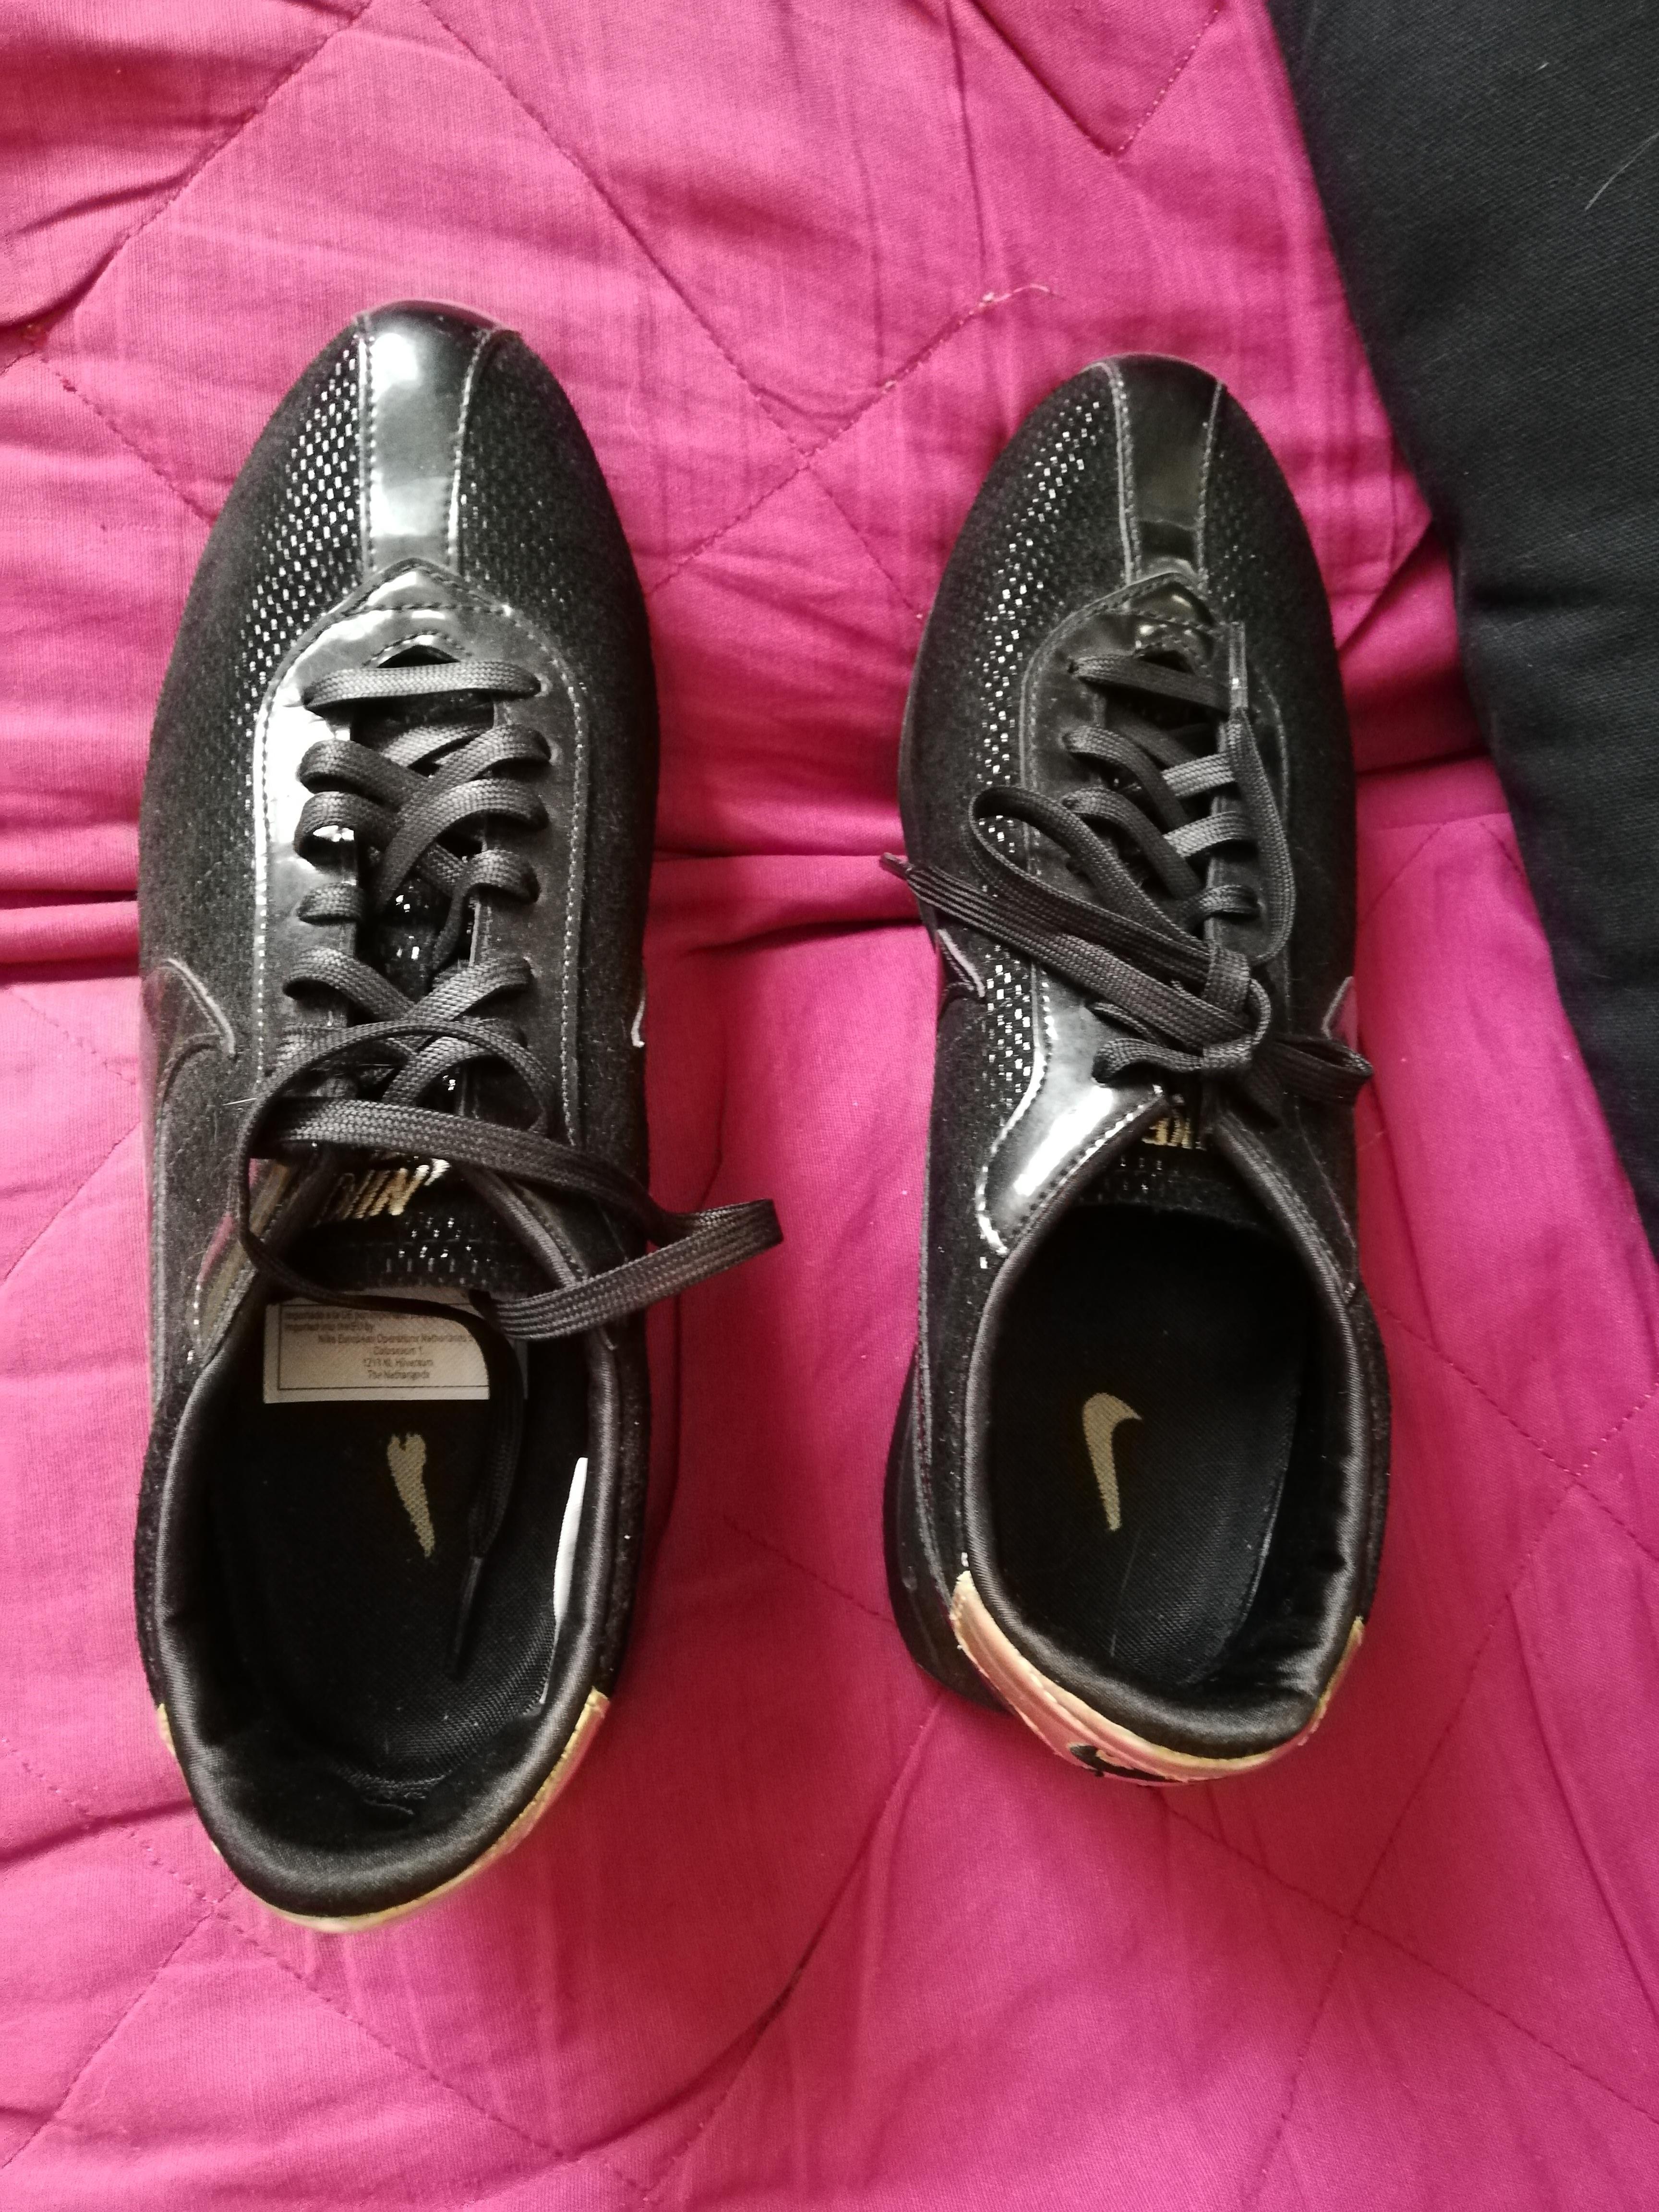 Chaussures de sport femme Nike Air. 19 Asnières-sur-Seine (92)